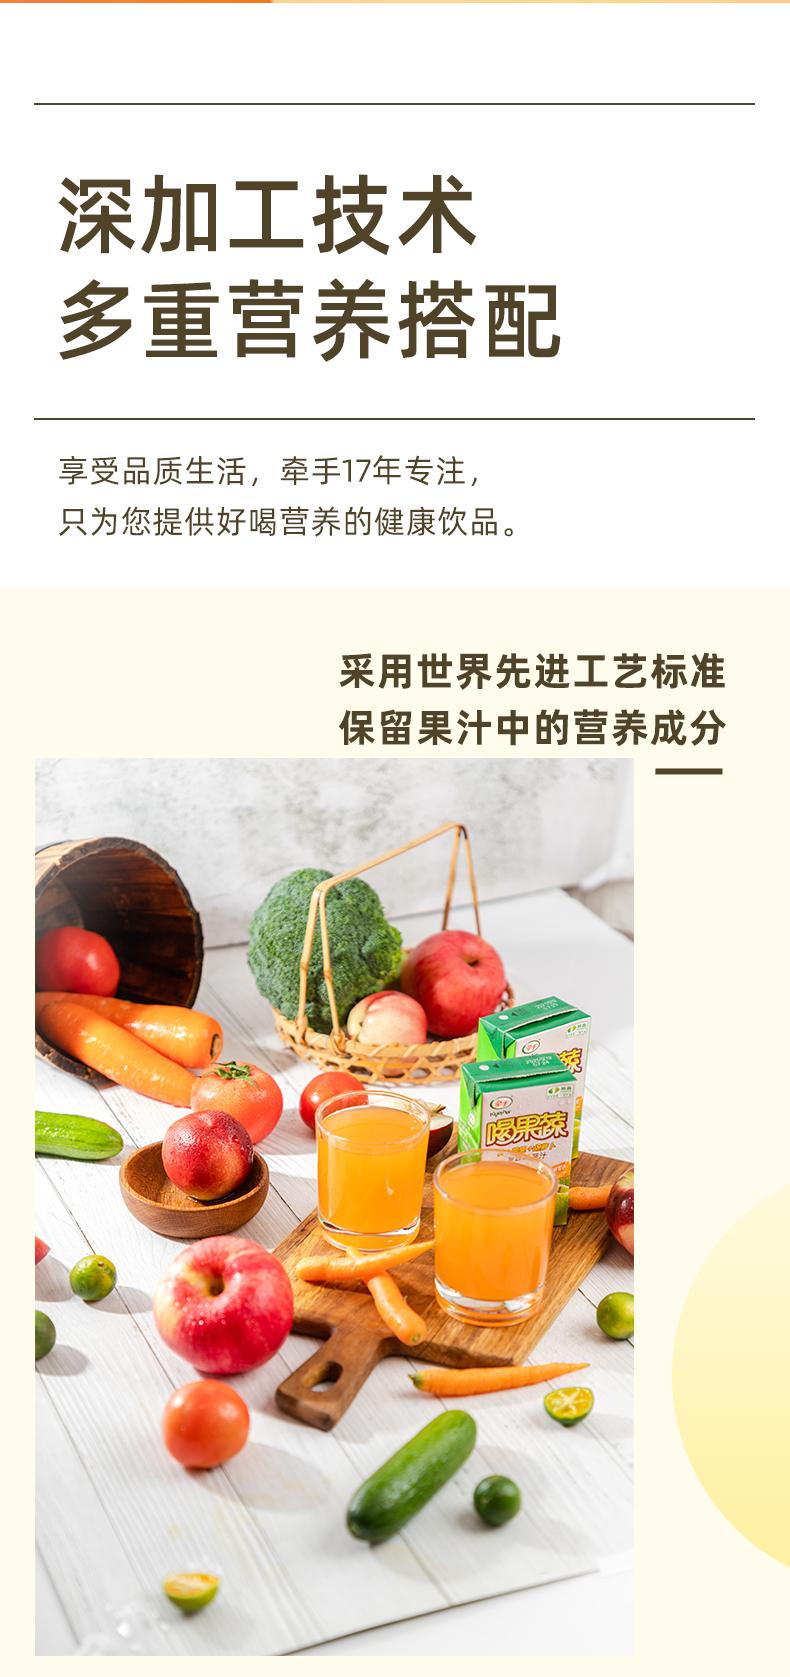 上市集团 顺鑫牵手 喝果蔬 100%复合果蔬汁 250mlx24盒 券后49元包邮 买手党-买手聚集的地方